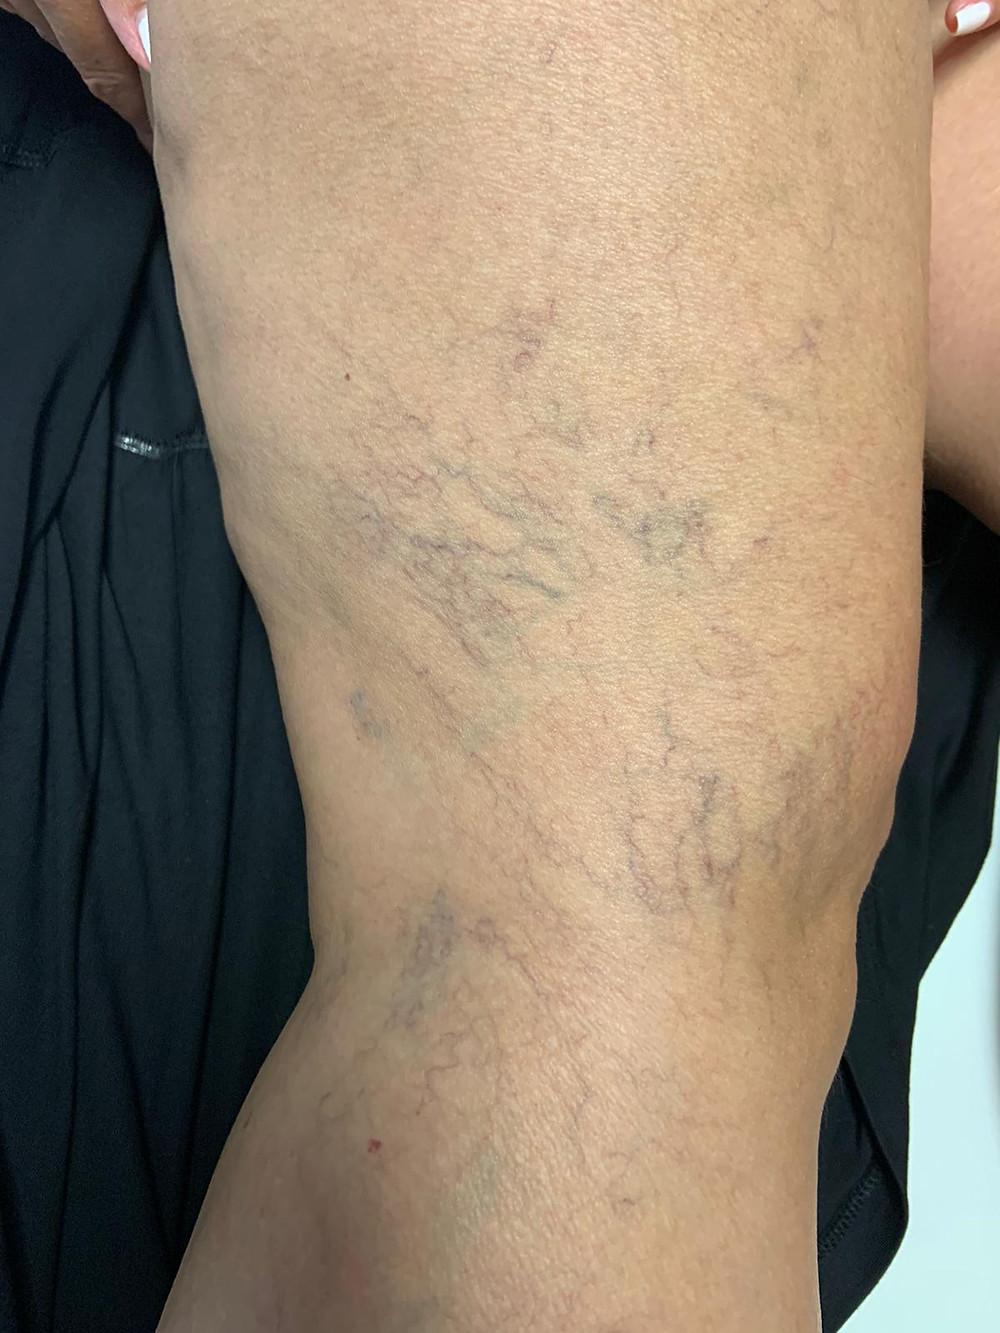 Imagen de pierna con venas vasculares